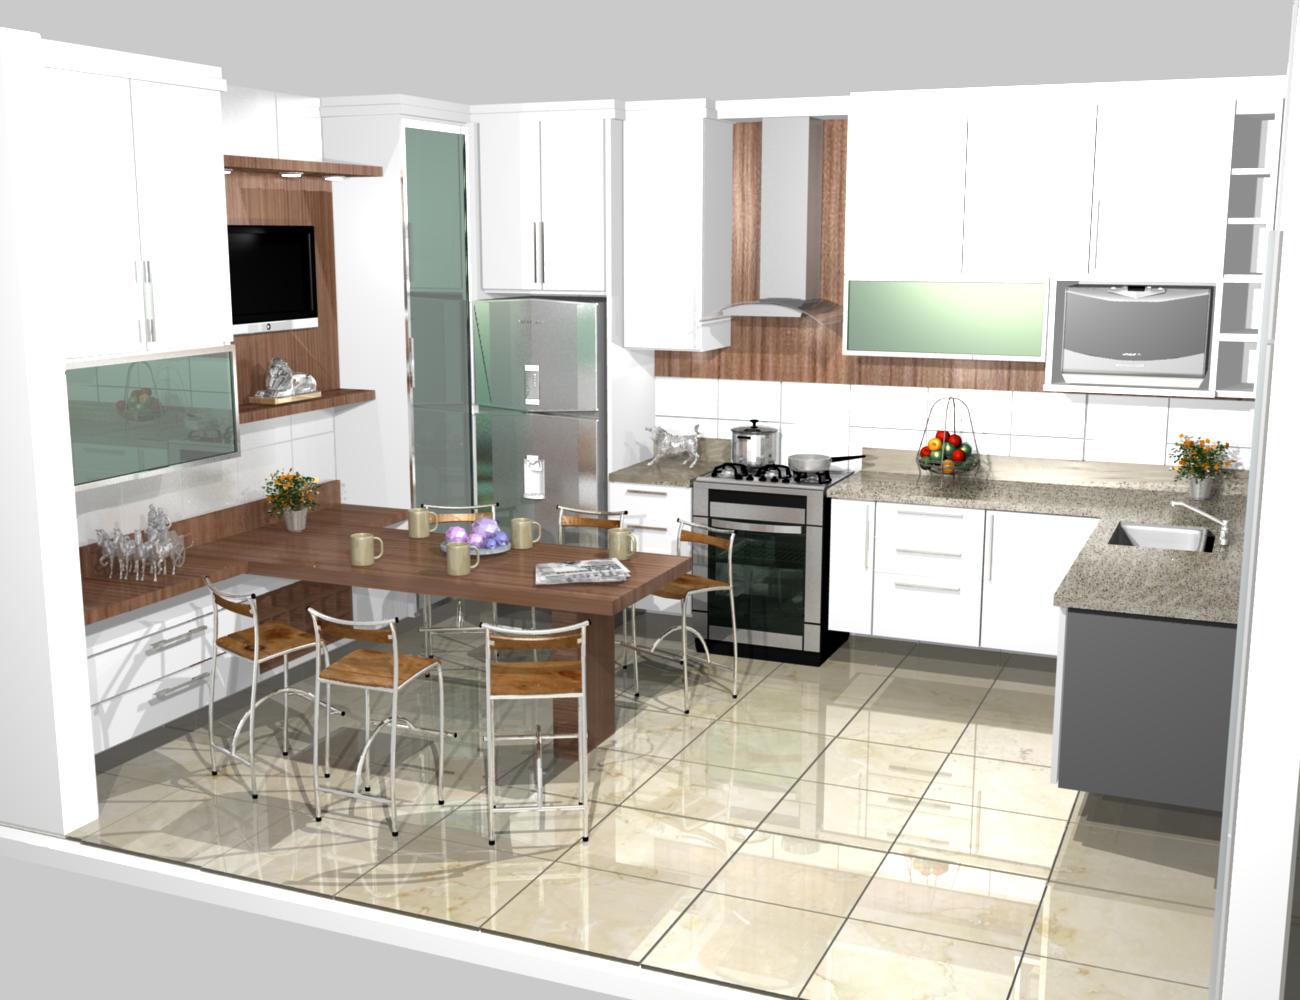 #664B38 cozinha planejadas pequenas decorada americana modulada luxo moderna  1300x1000 px Projetos Frescos Da Cozinha Pequena_246 Imagens